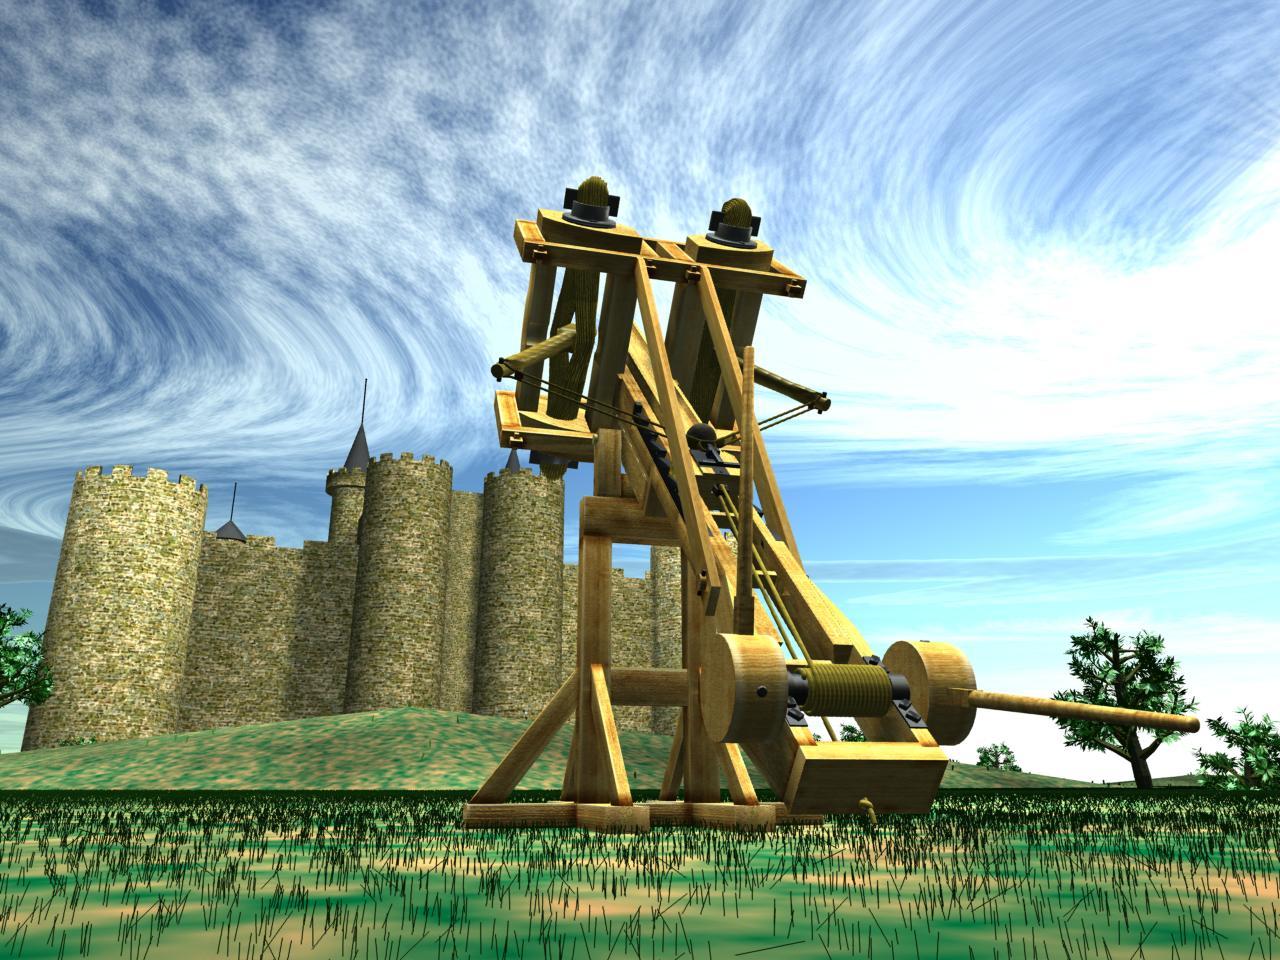 Catapult_8.jpg